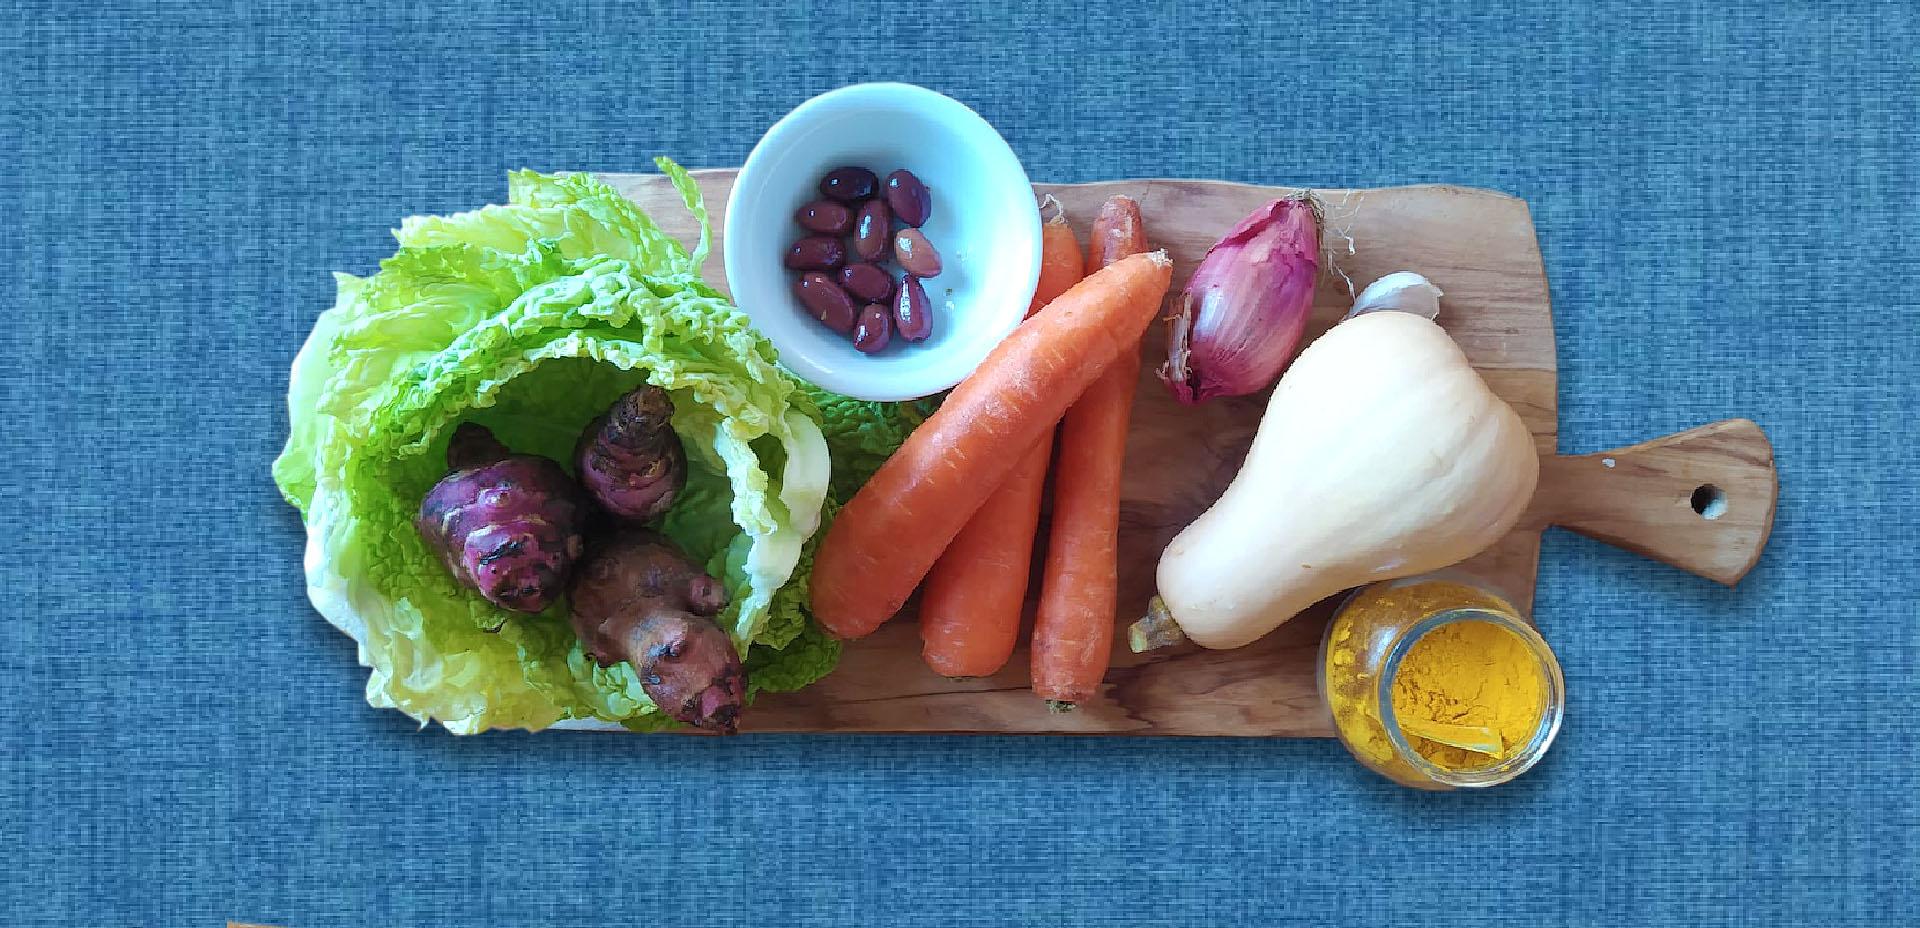 zucca violina, carote, topinambur, olive, verza, cipolla